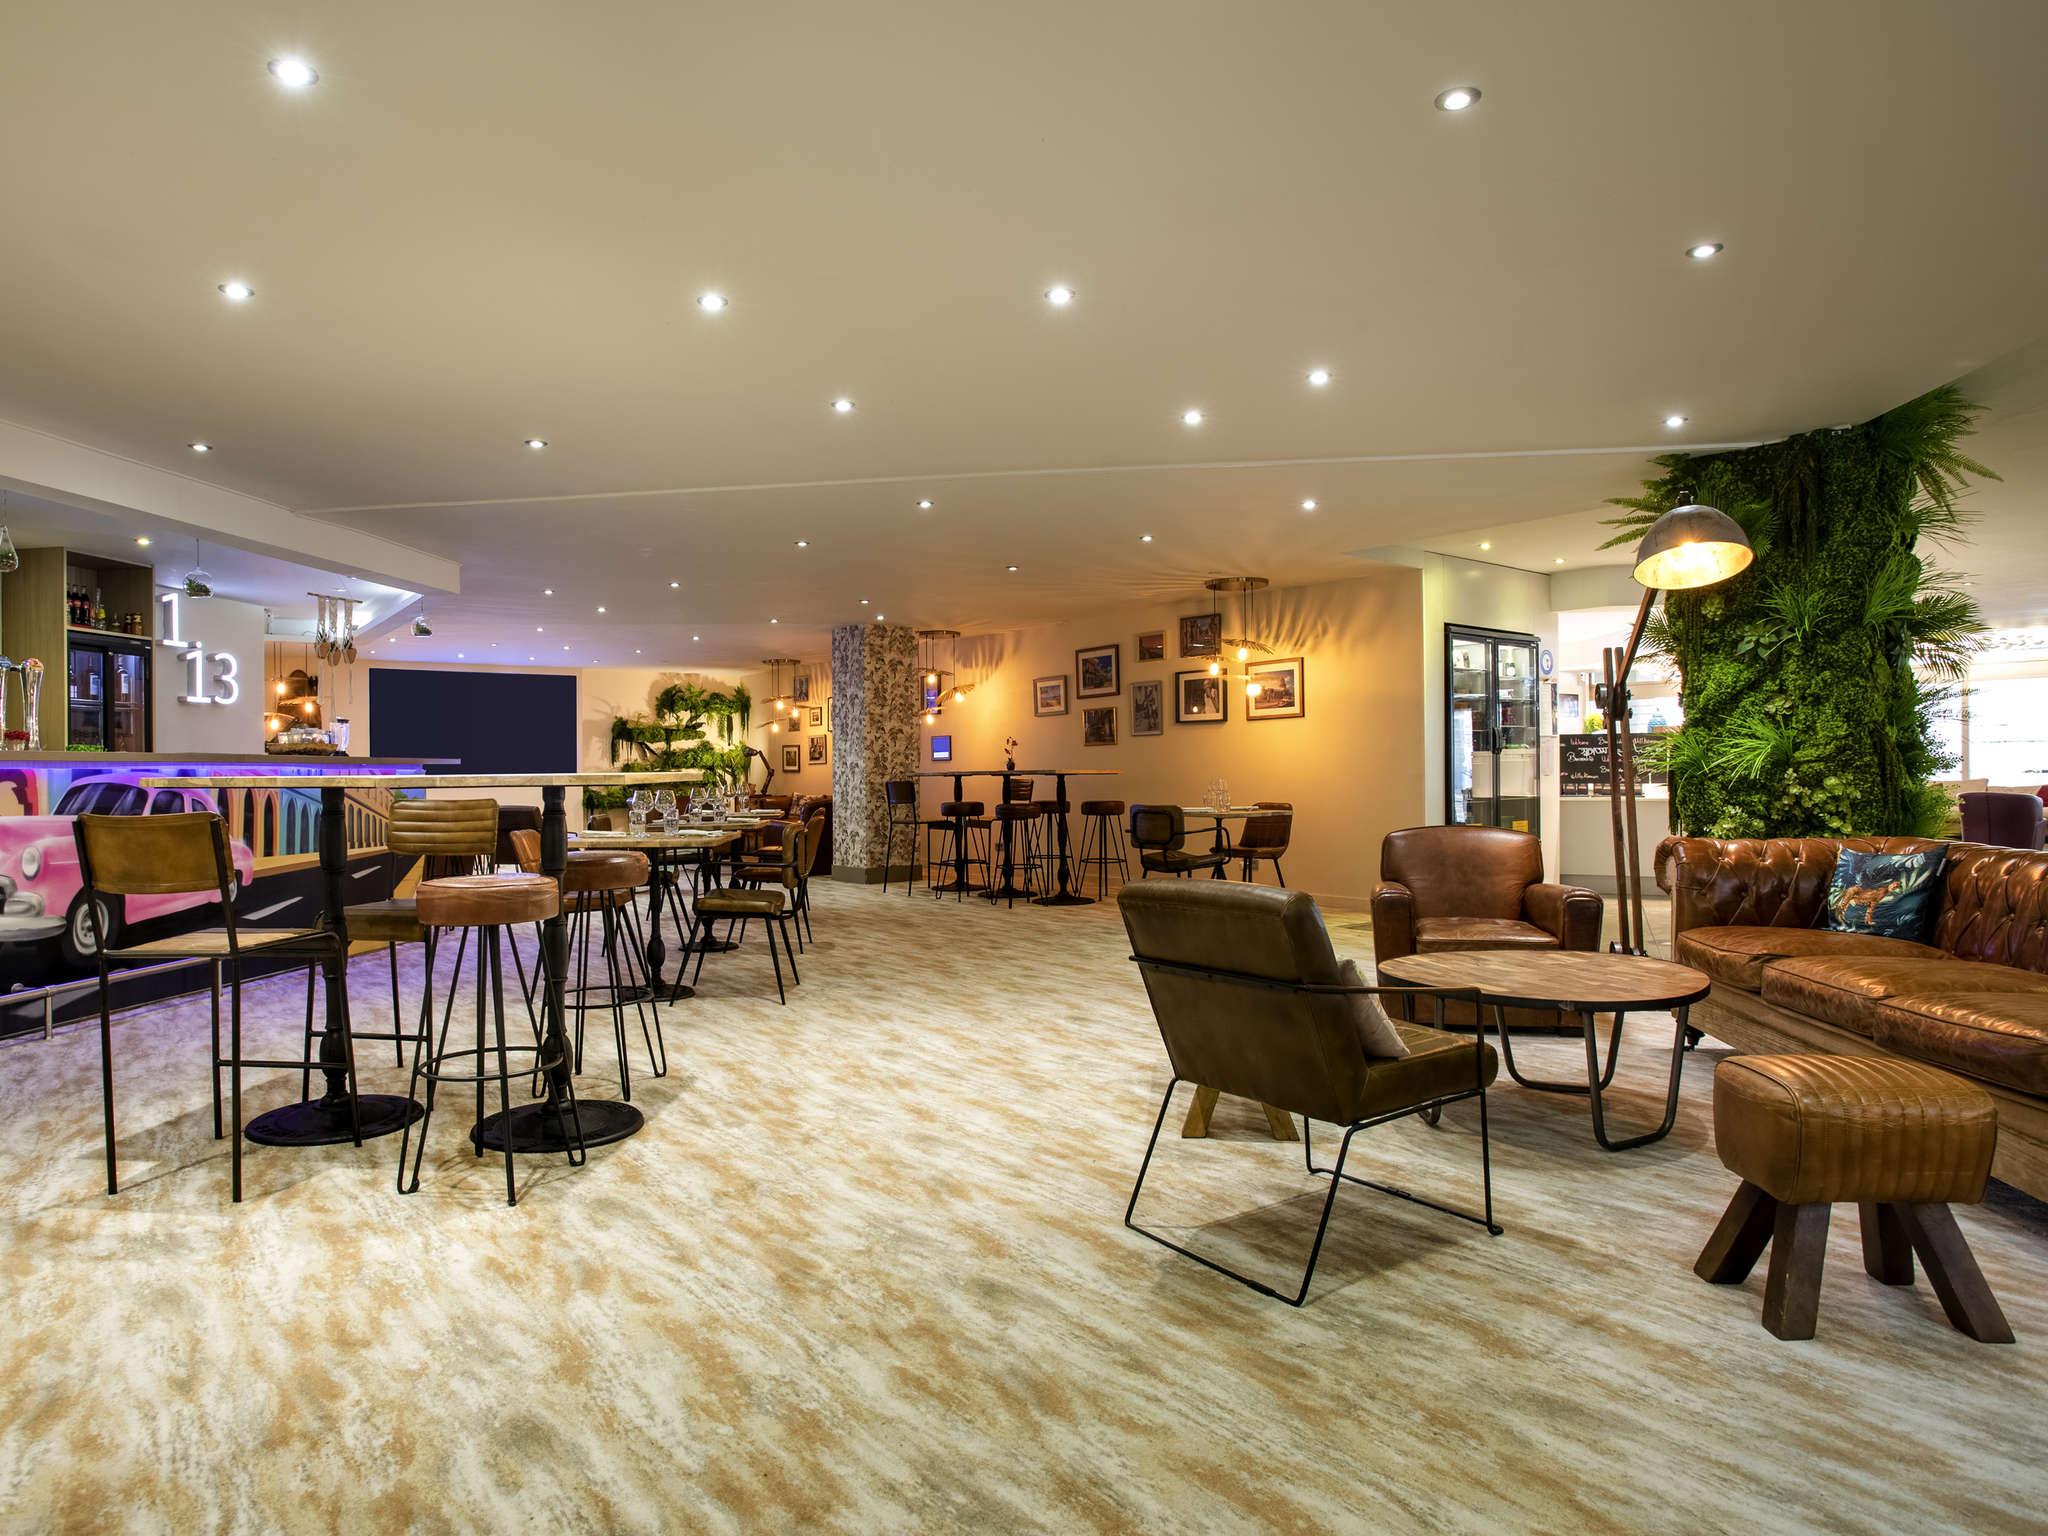 ホテル – メルキュールマルセイユサントルビューポルト